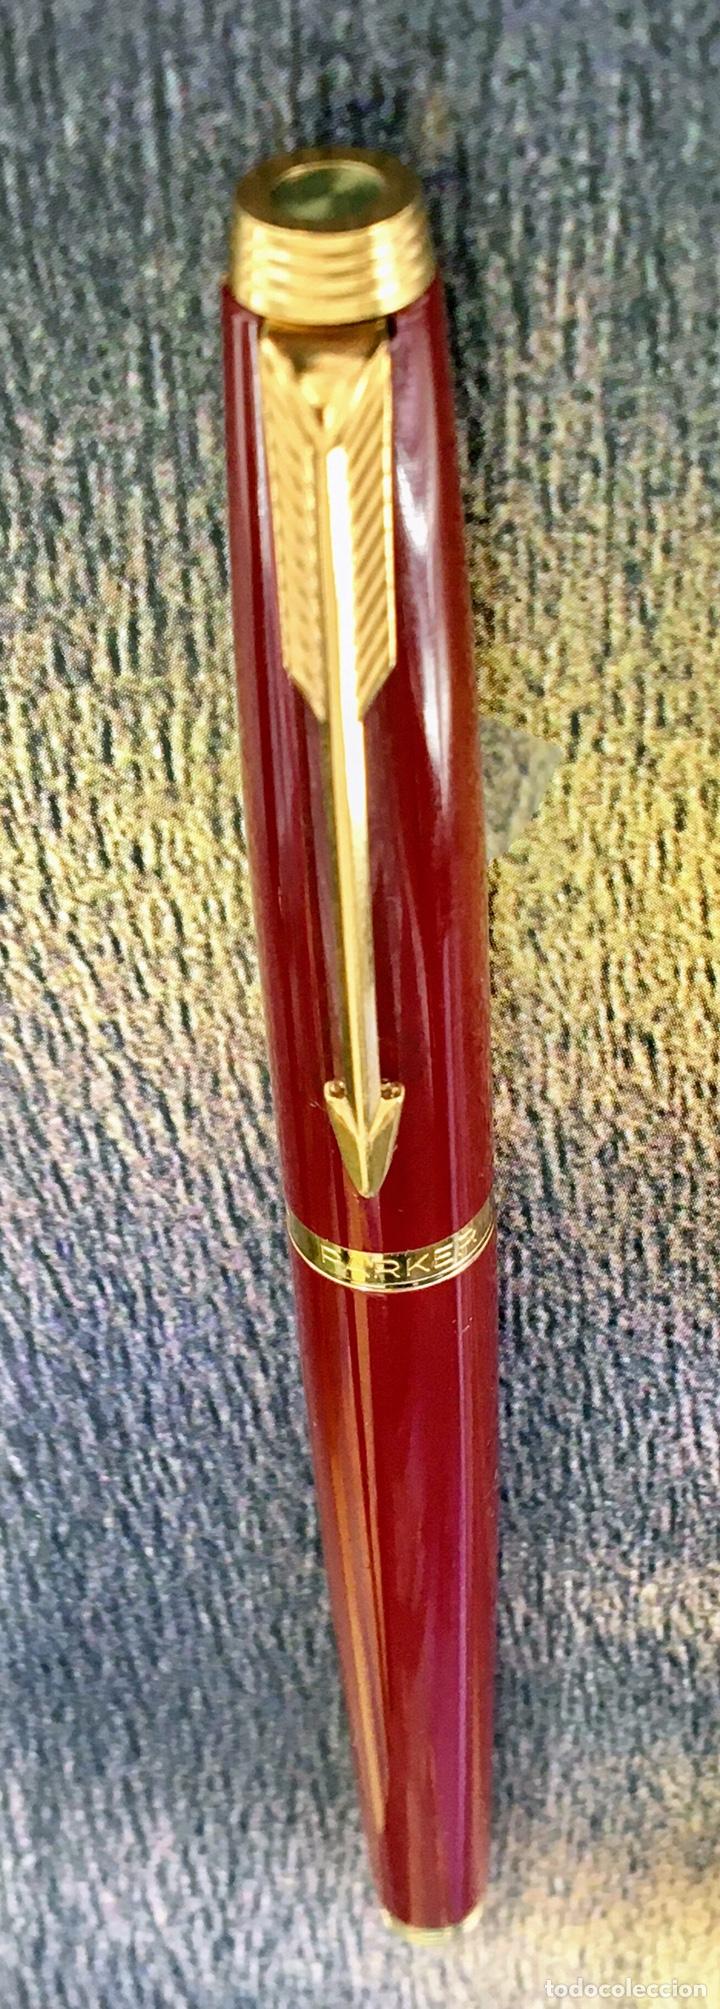 Plumas estilográficas antiguas: PARKER 75 LACADA 1975'S FRANCE - Foto 5 - 253414700